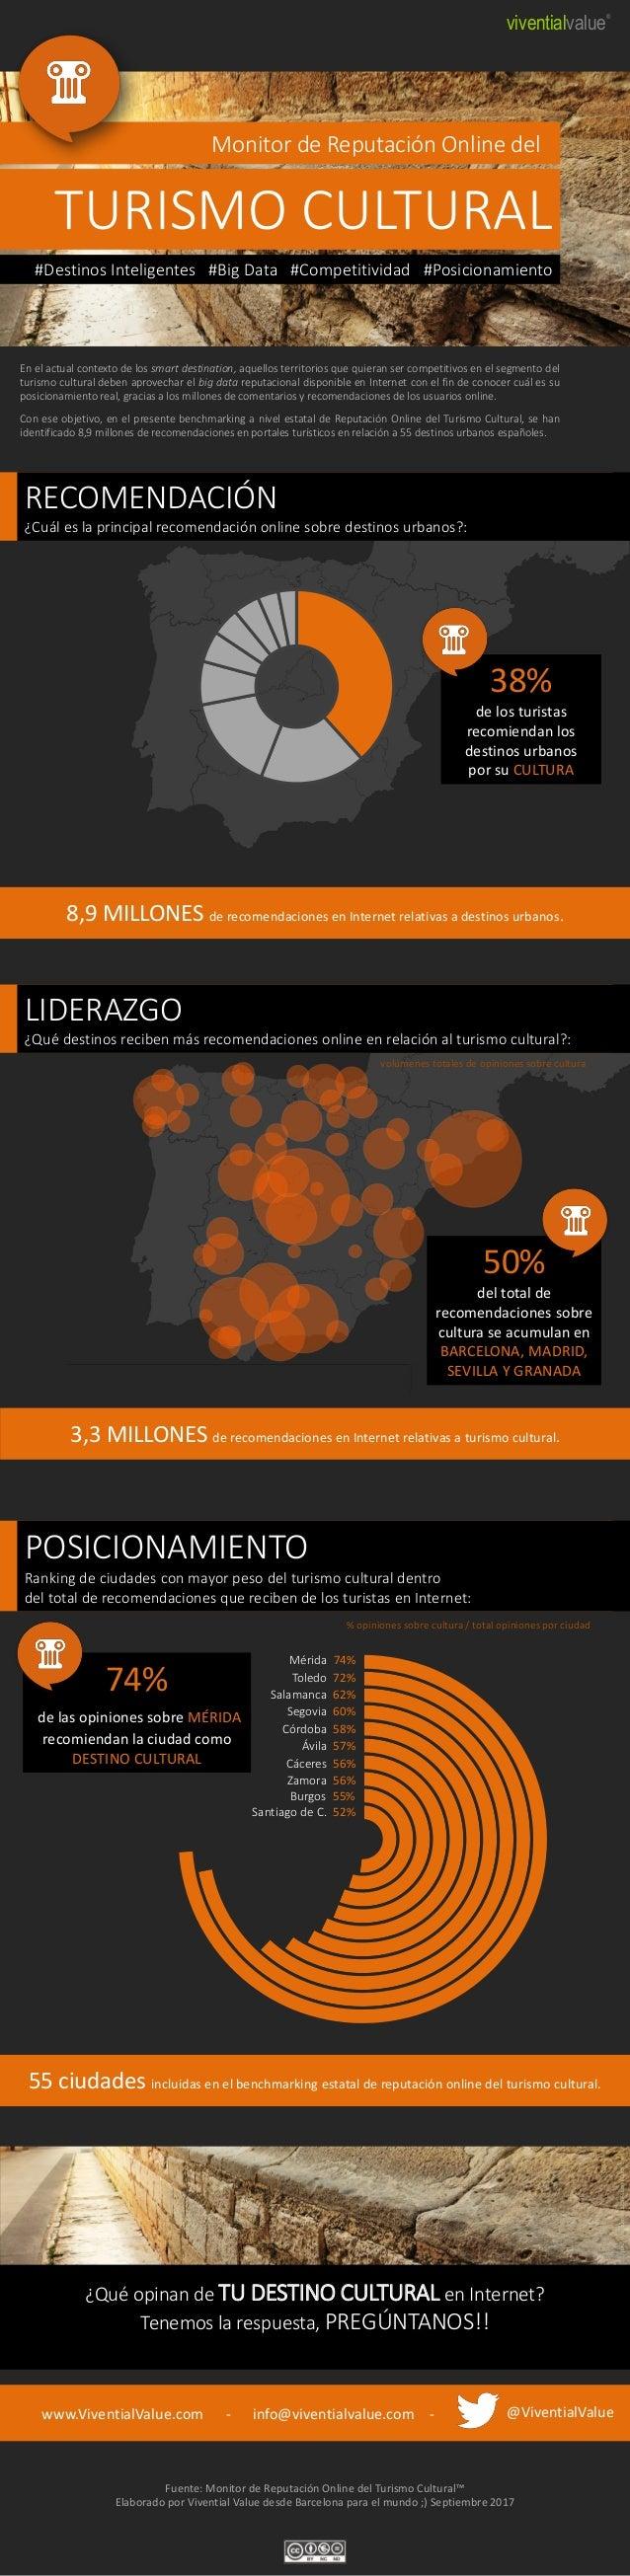 viventialvalue® Fuente: Monitor de Reputación Online del Turismo Cultural™ Elaborado por Vivential Value desde Barcelona p...